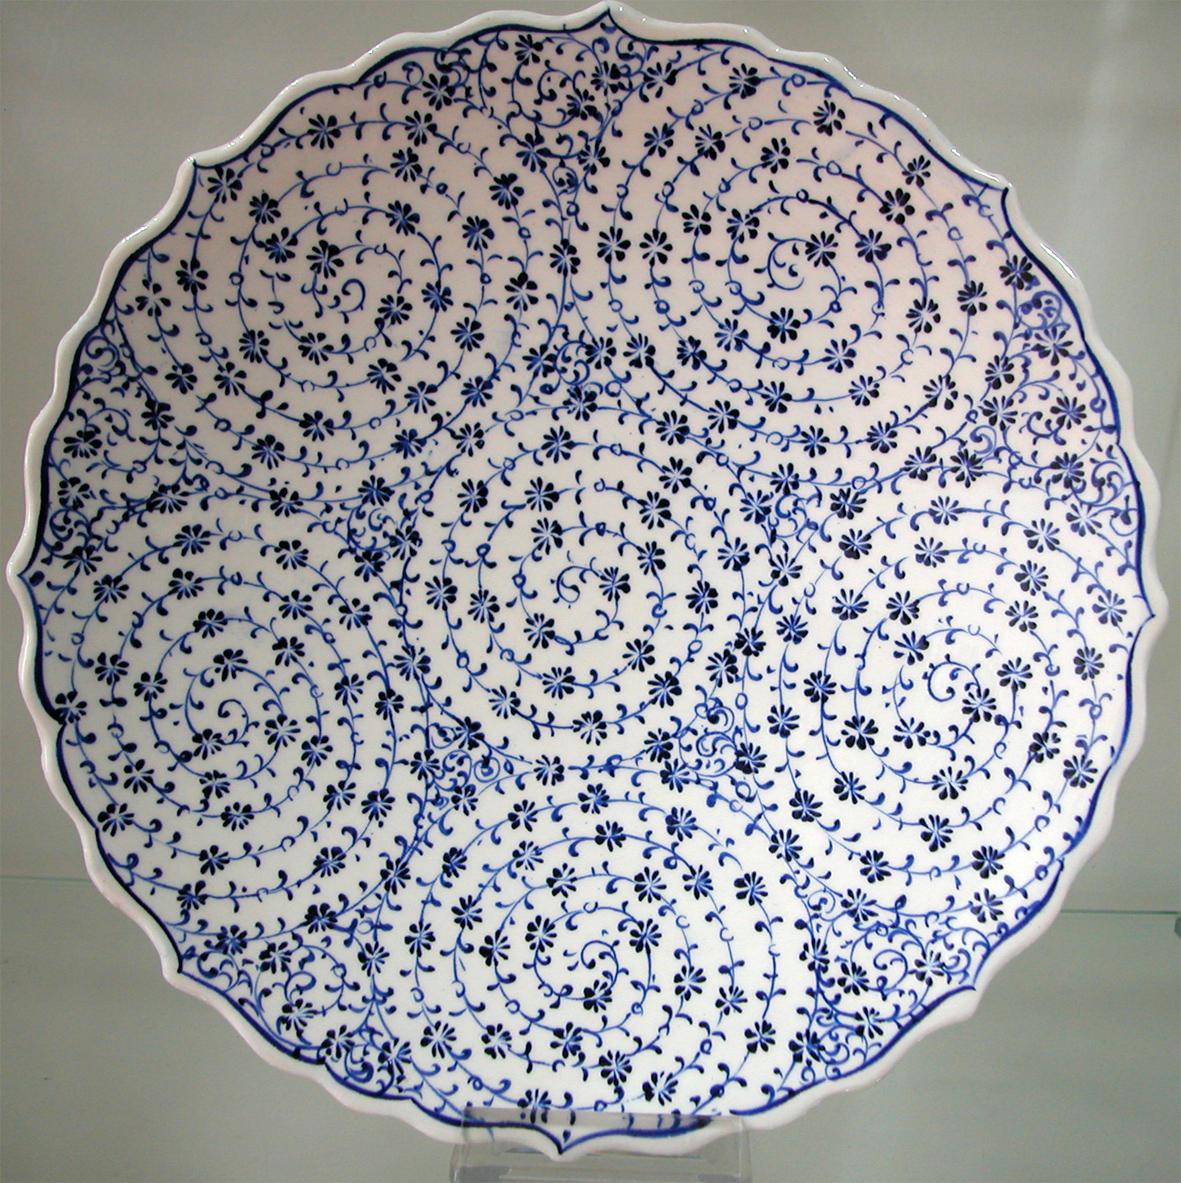 klasik haliç işi Osmanlı tabakları hediyelik kadife kutu içinde sunulmaktadır dekoratif duvar tabakları